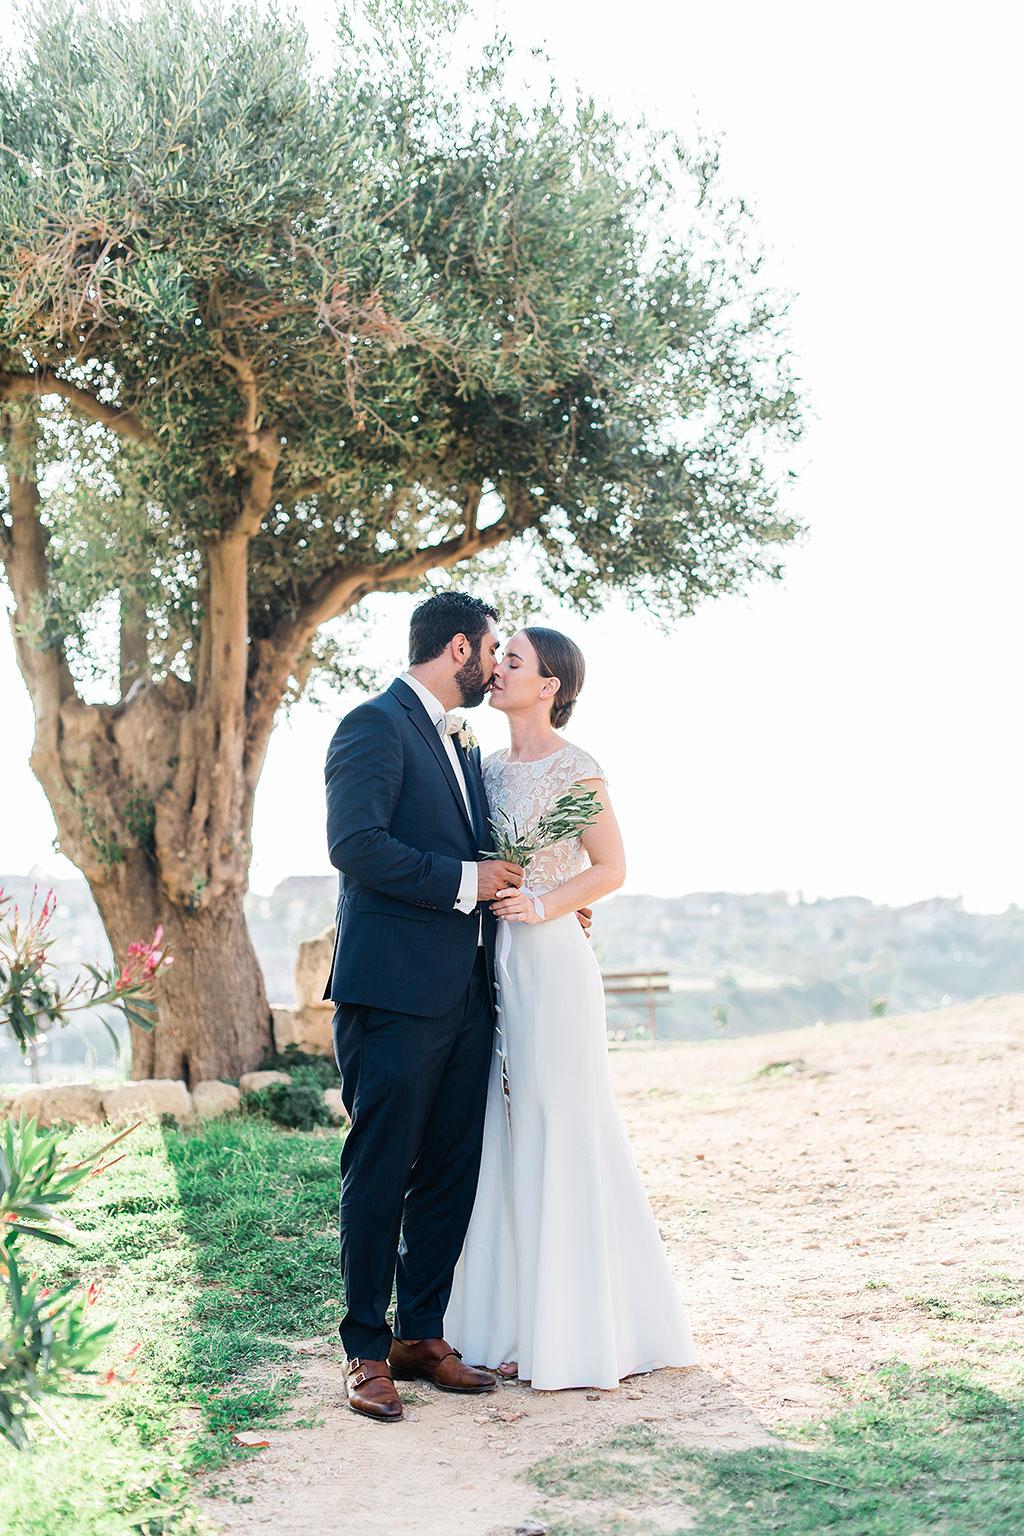 Φωτογραφία γάμου Χαλκιδική, Next day wedding photoshoot in Greece